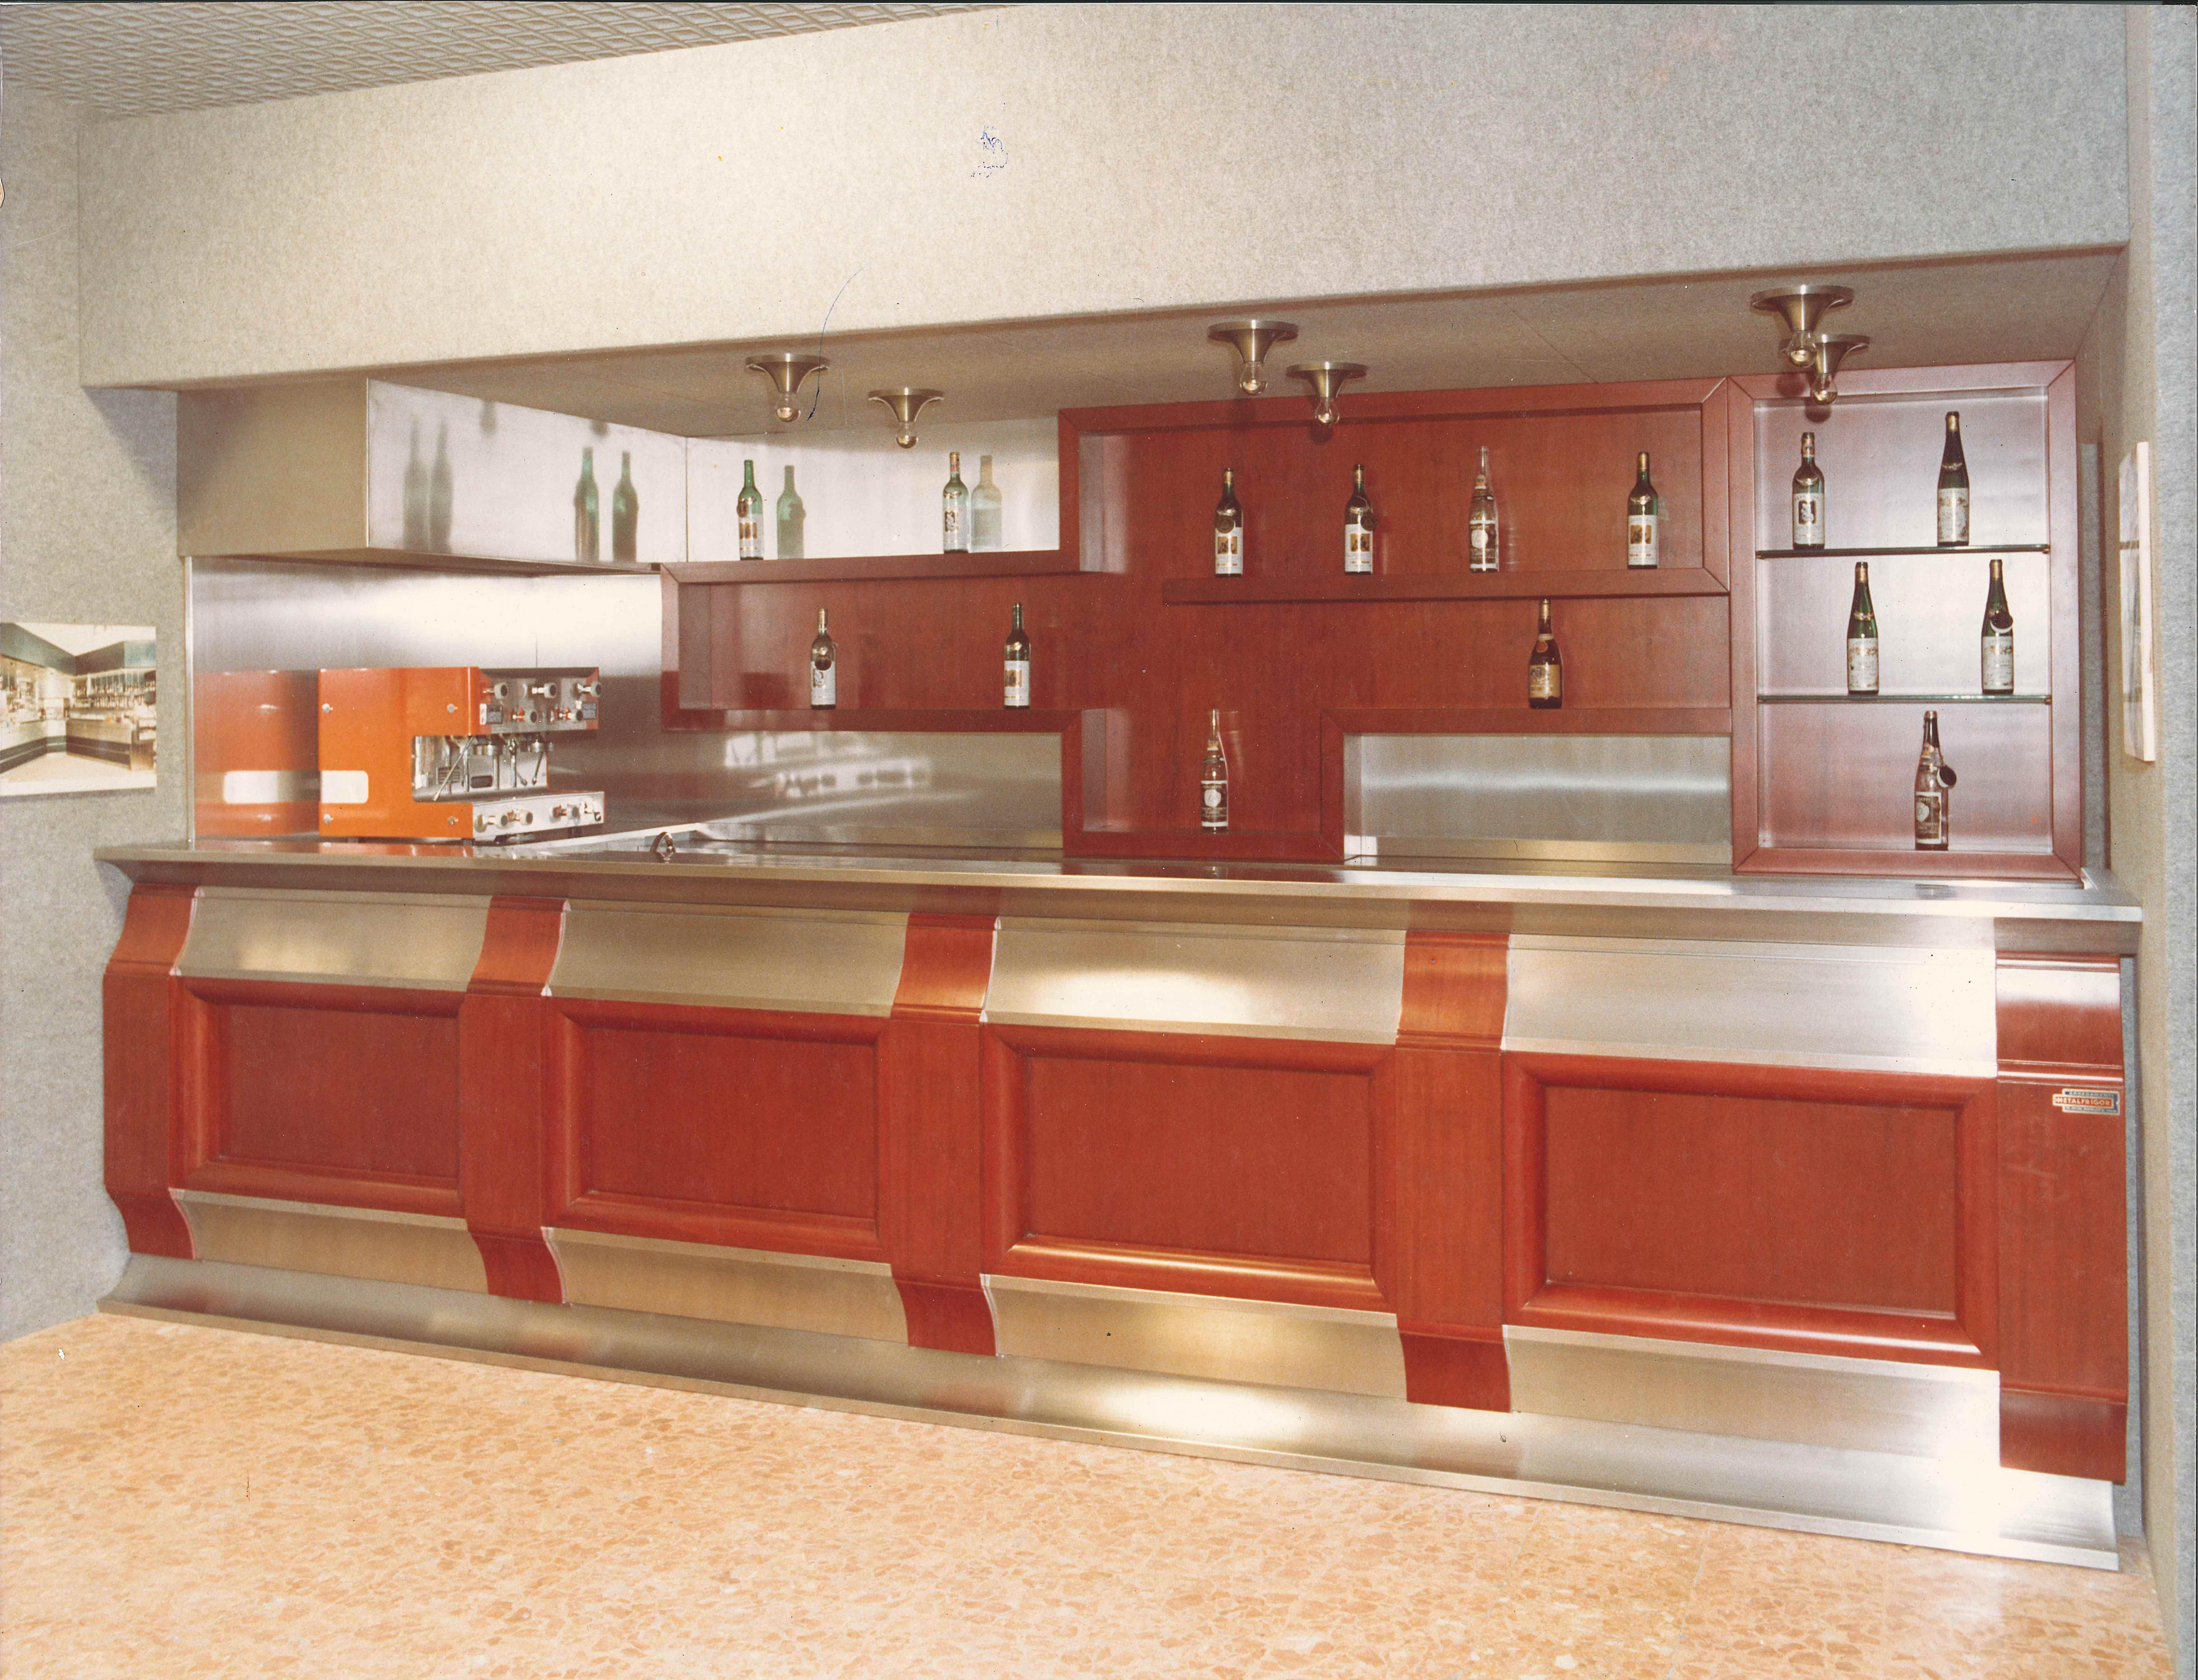 Arredamento Anni 60 Foto arredamento bar e locali da oltre 60 anni  metalfrigor